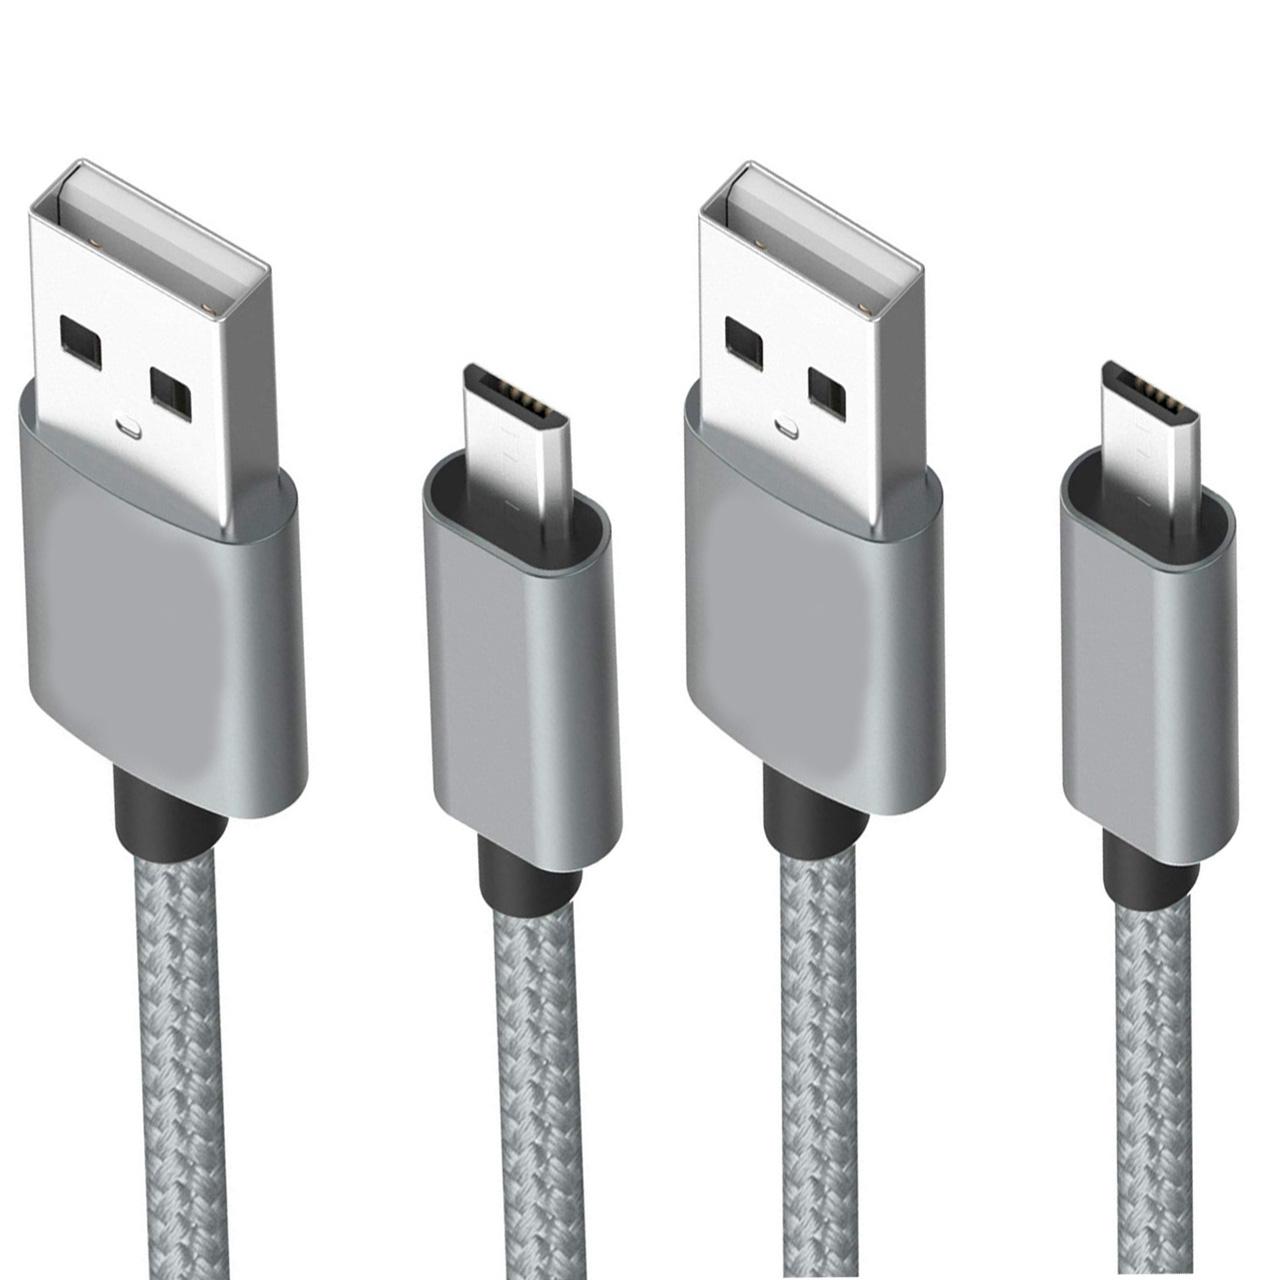 کابل تبدیل USB به microUSB یوجی سو مدل mc-cao24 مجموعه دو عددی